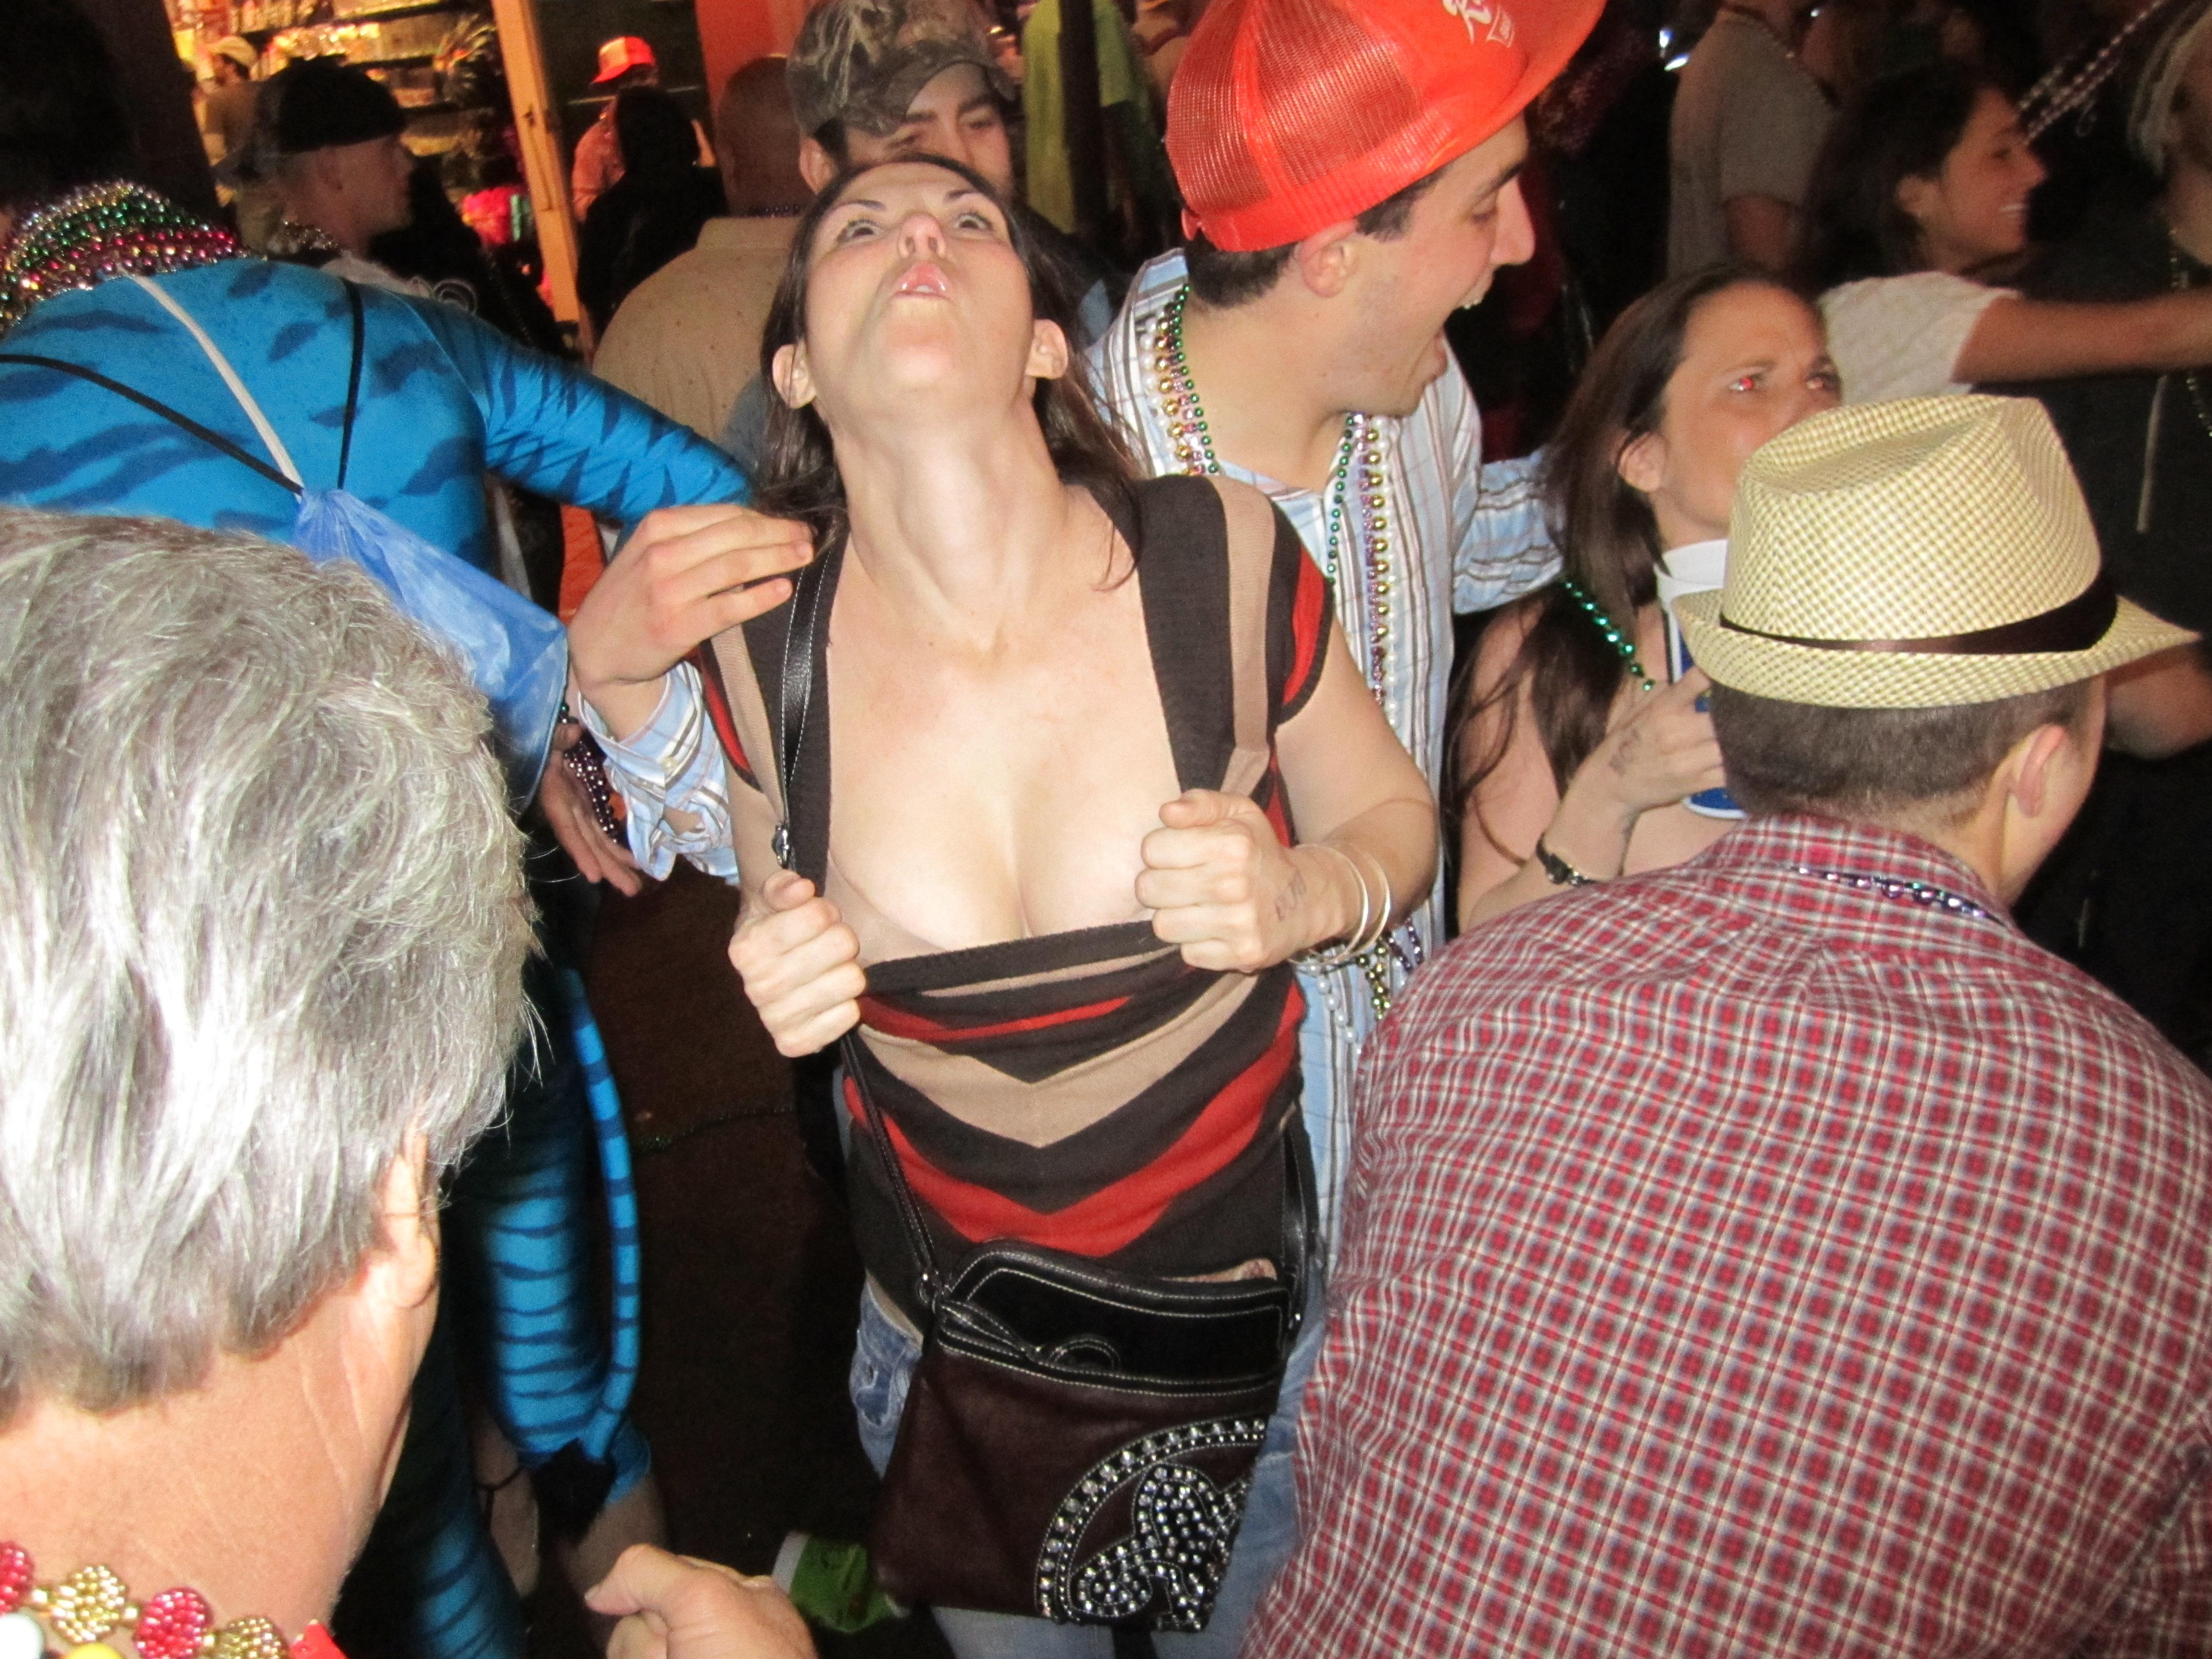 Gra mardi topless bourbon street